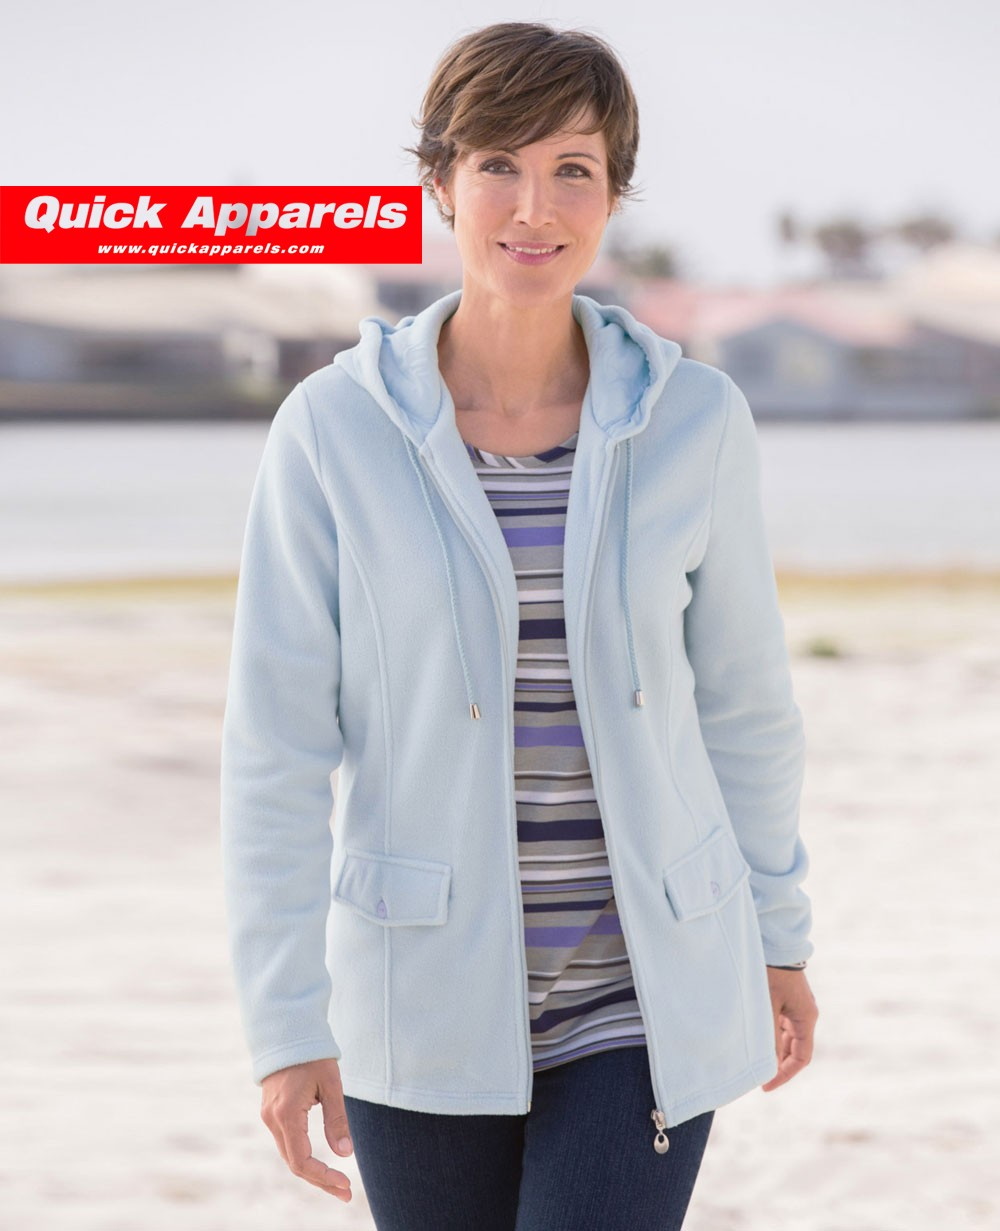 New Fashionable Fleece Jacket in Blue